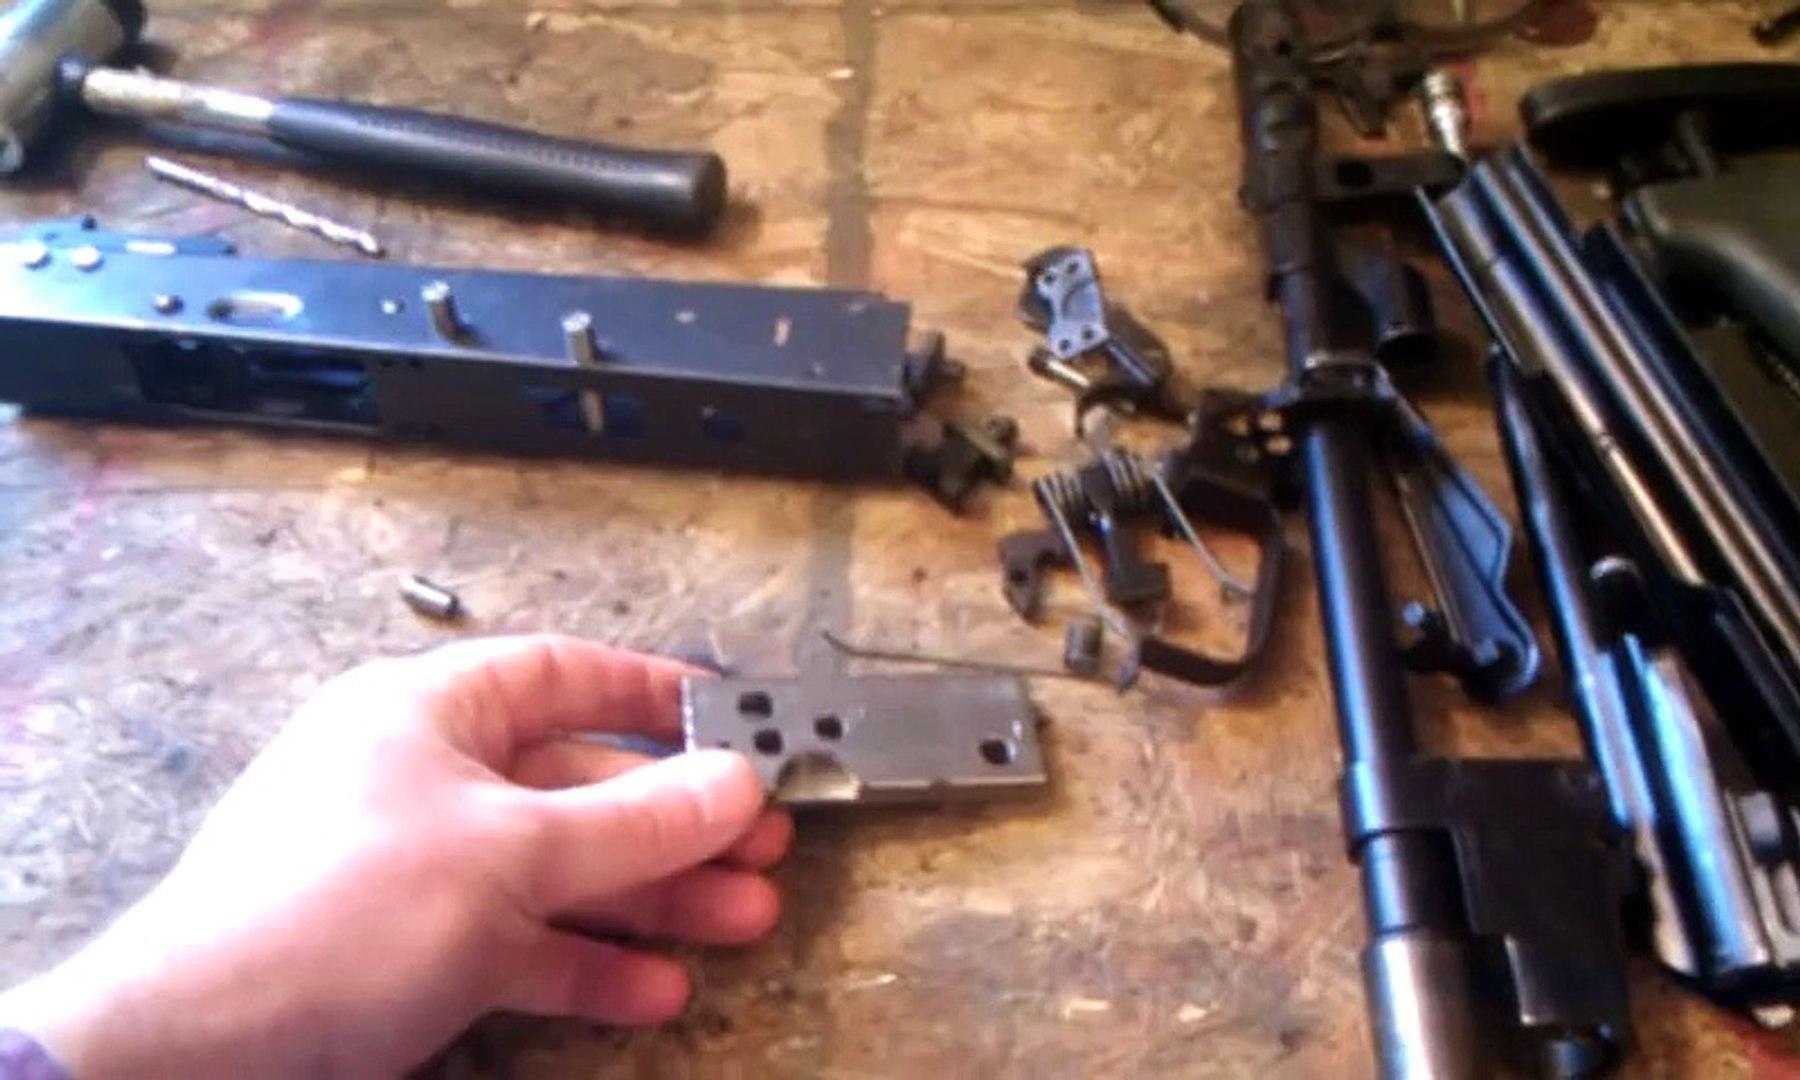 AK47 Full Auto Conversion